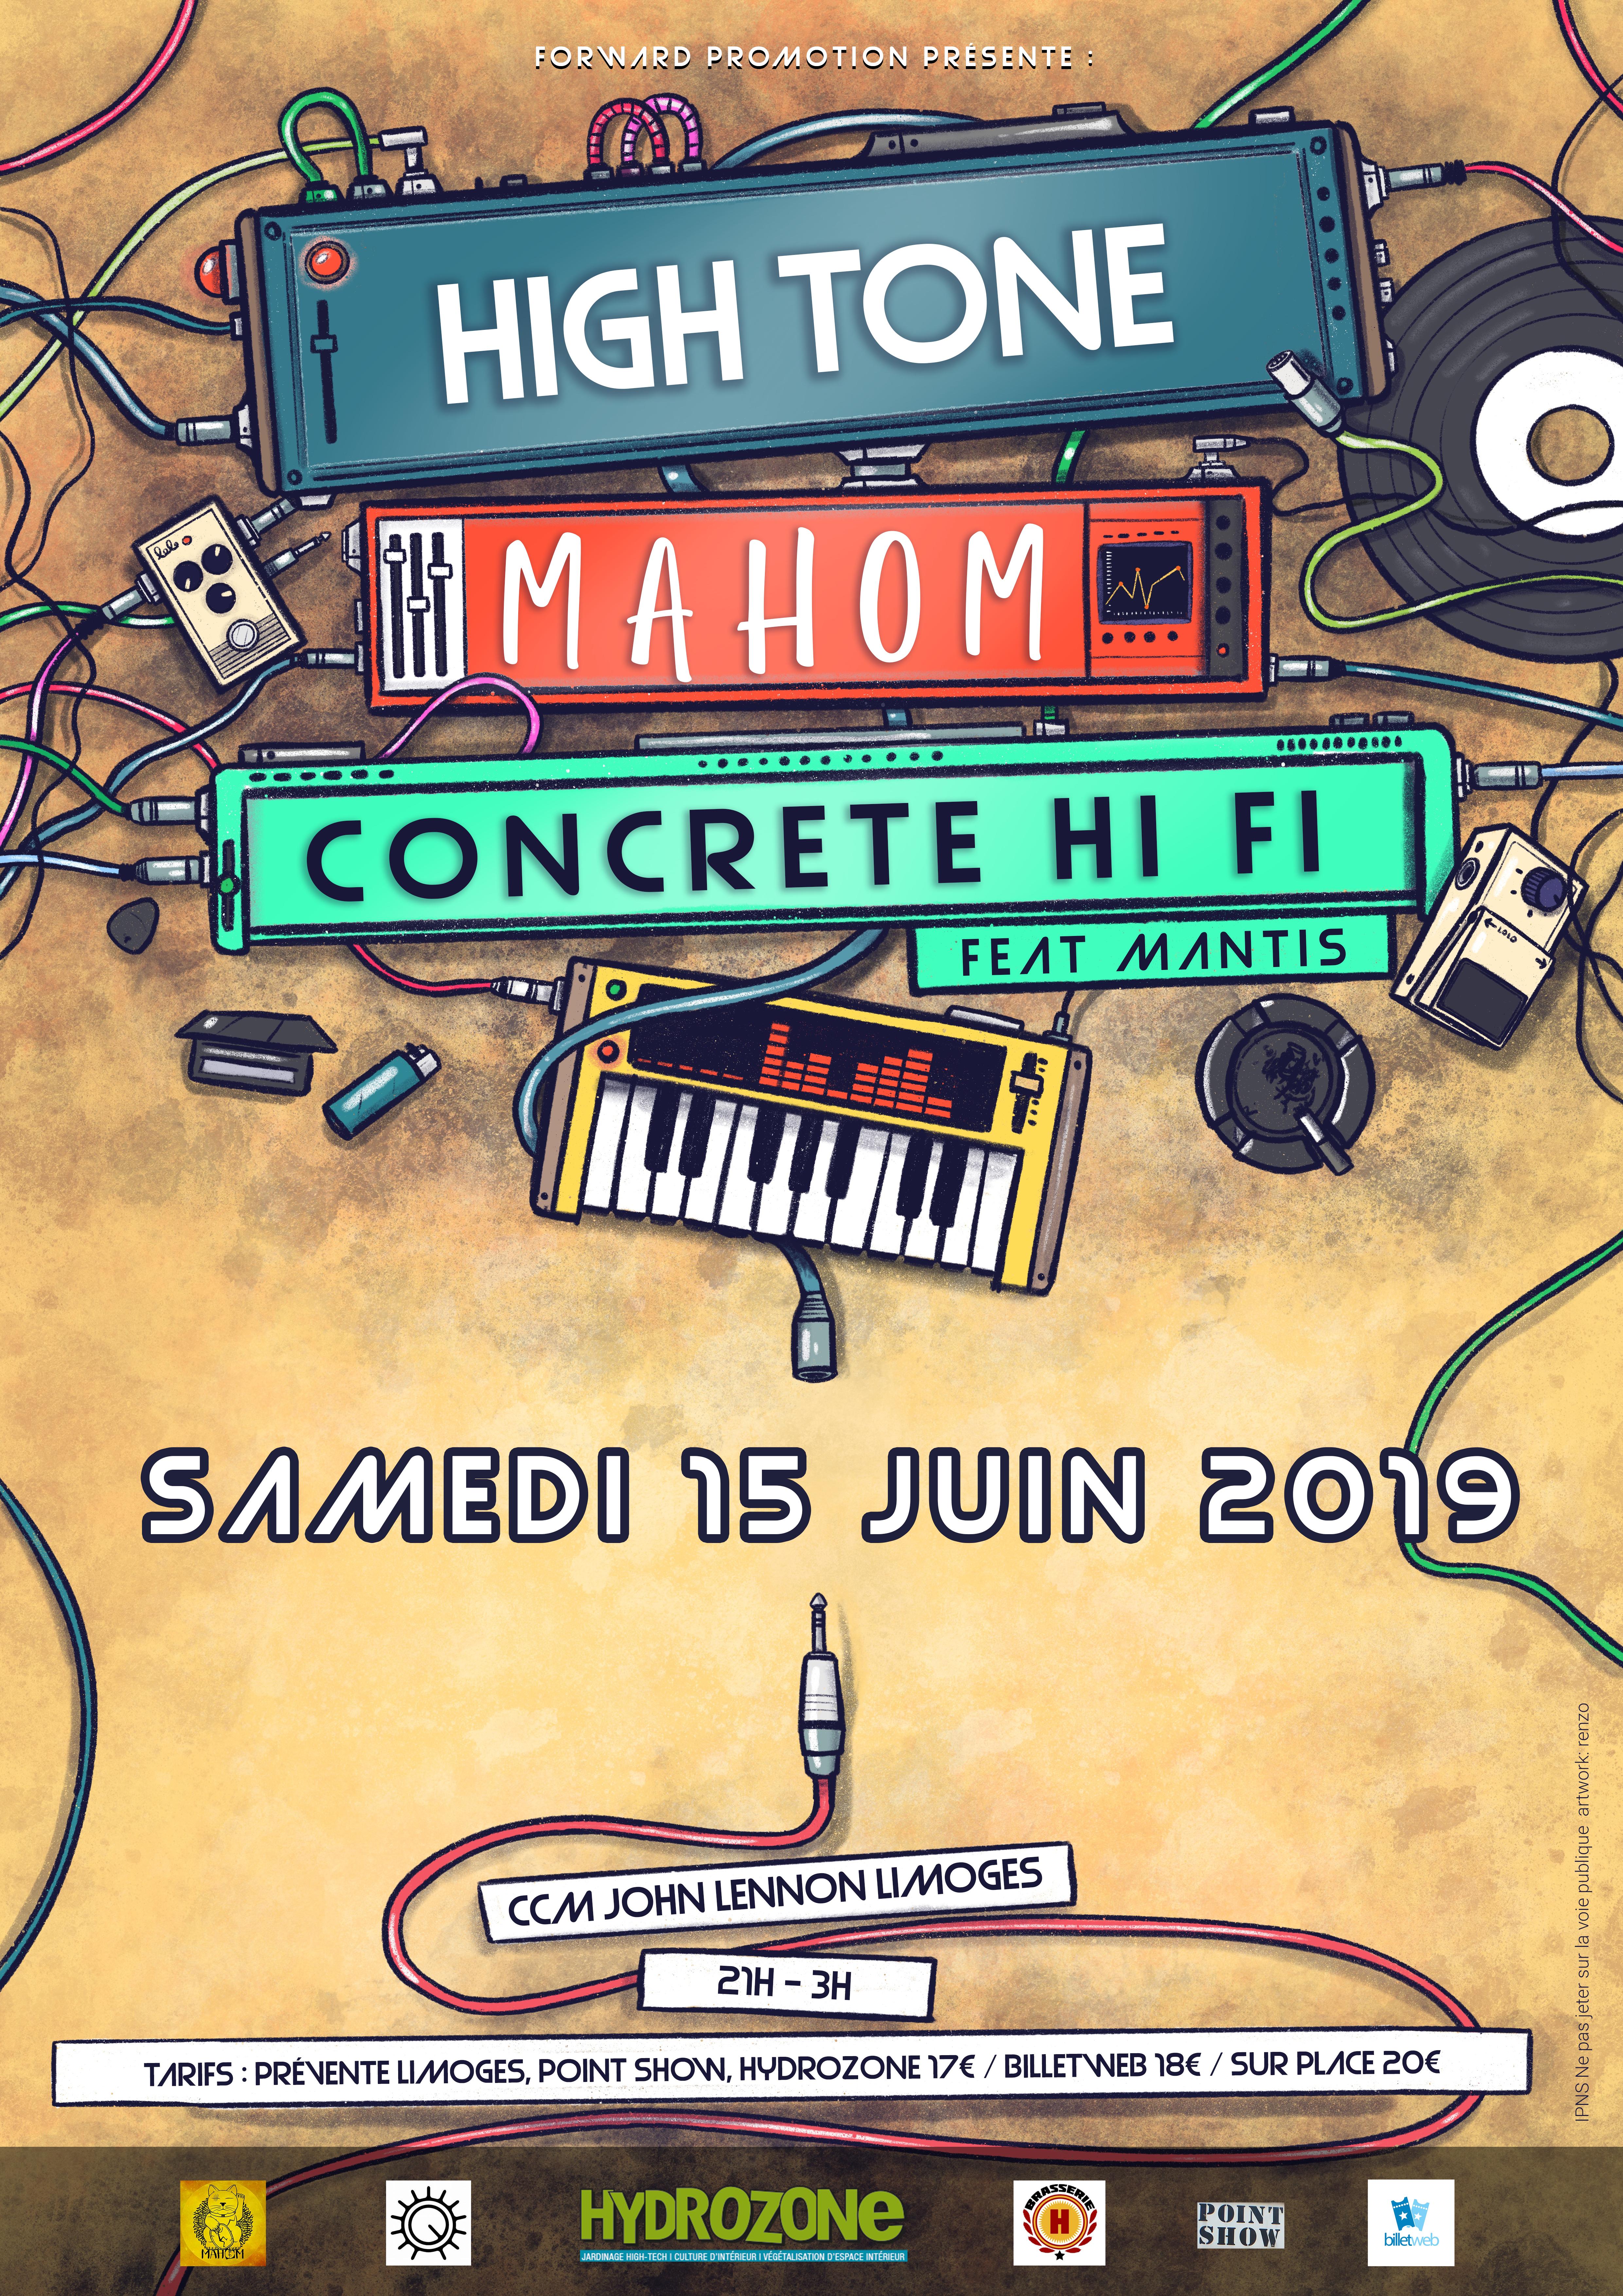 High tone / Mahom / Concrete Hi-fi feat Mantis